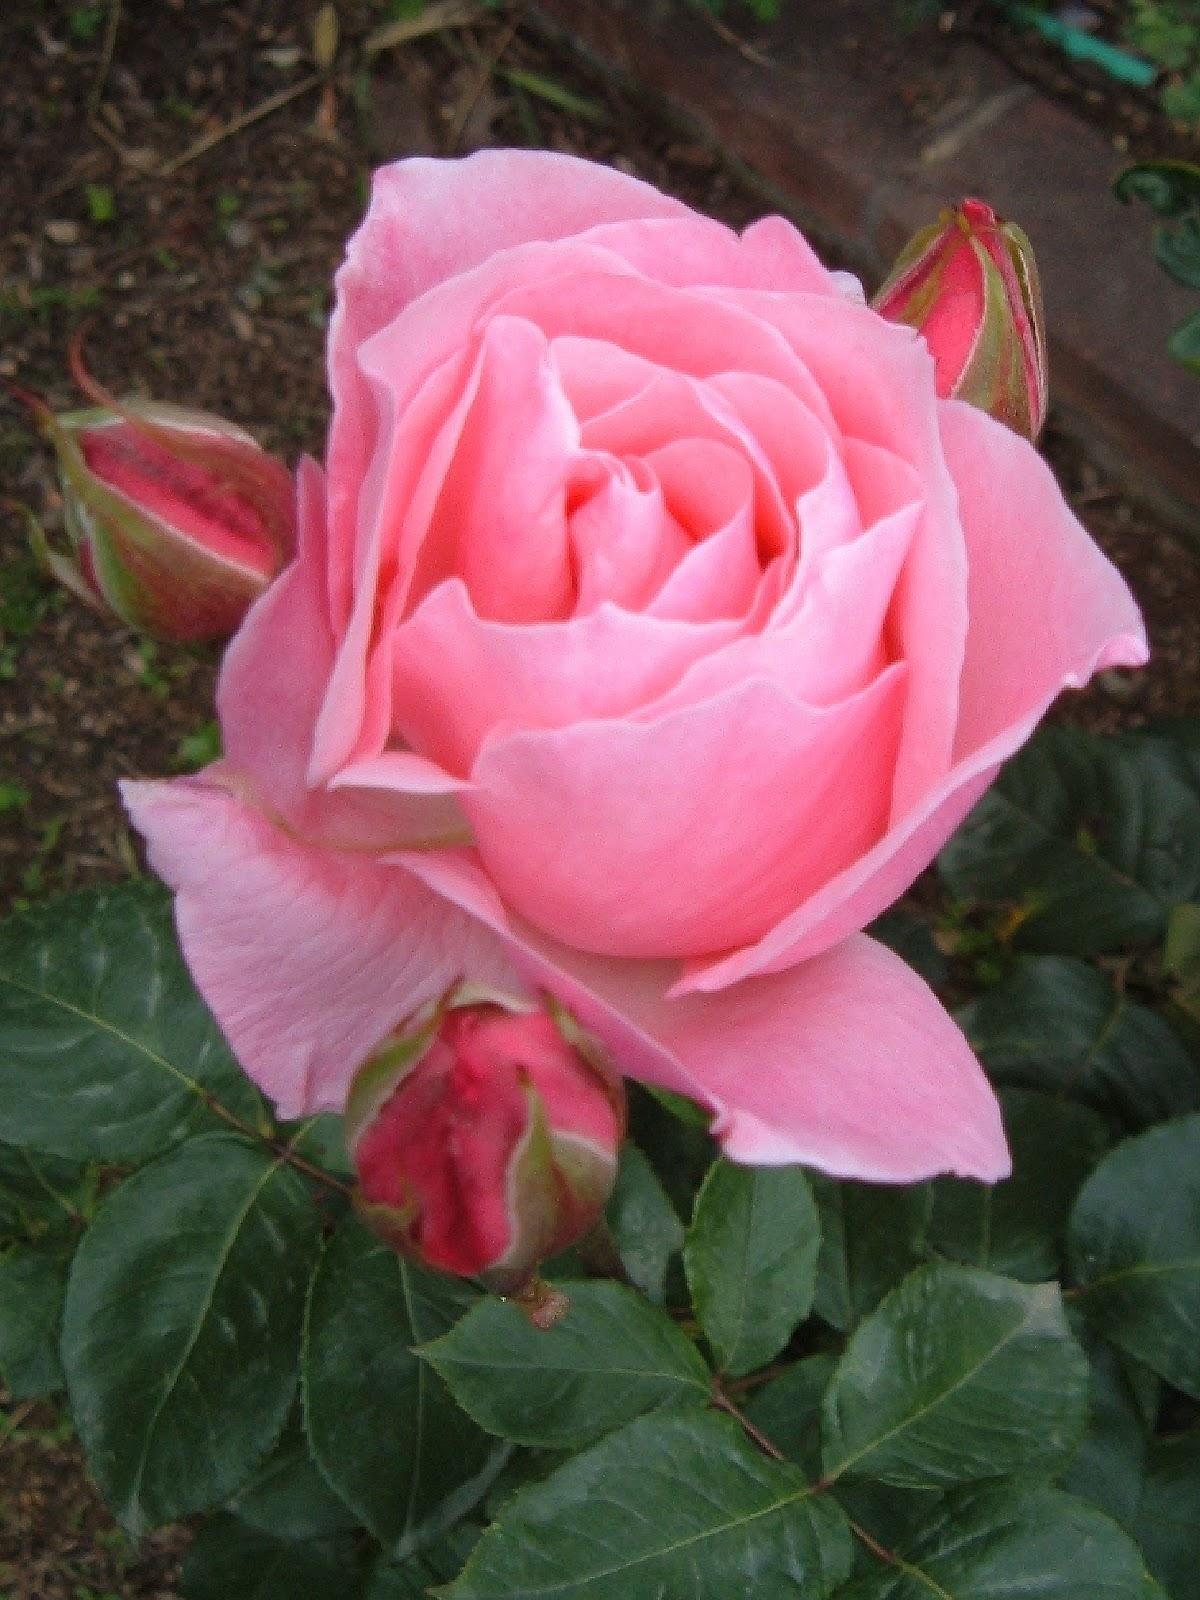 MILES DE COLORES DE ROSAS Facebook - Imagenes De Rosas De Distintos Colores